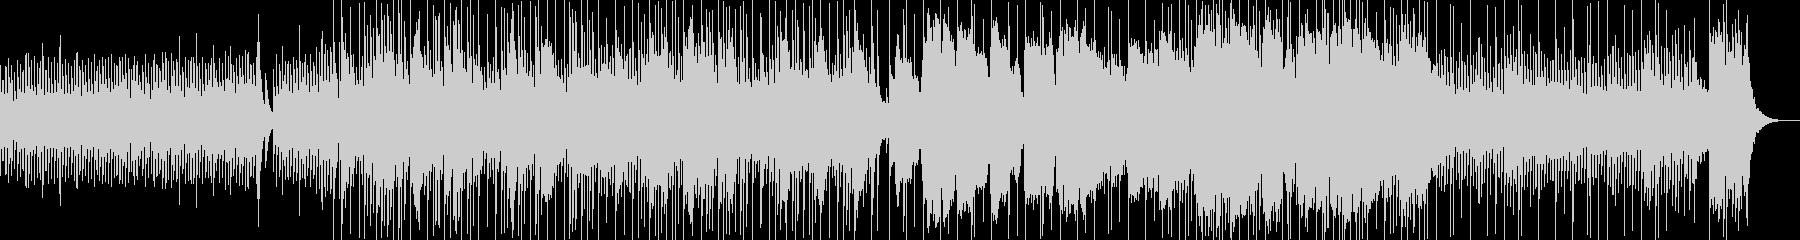 和楽器とドラムが融合した和風な3連符の曲の未再生の波形